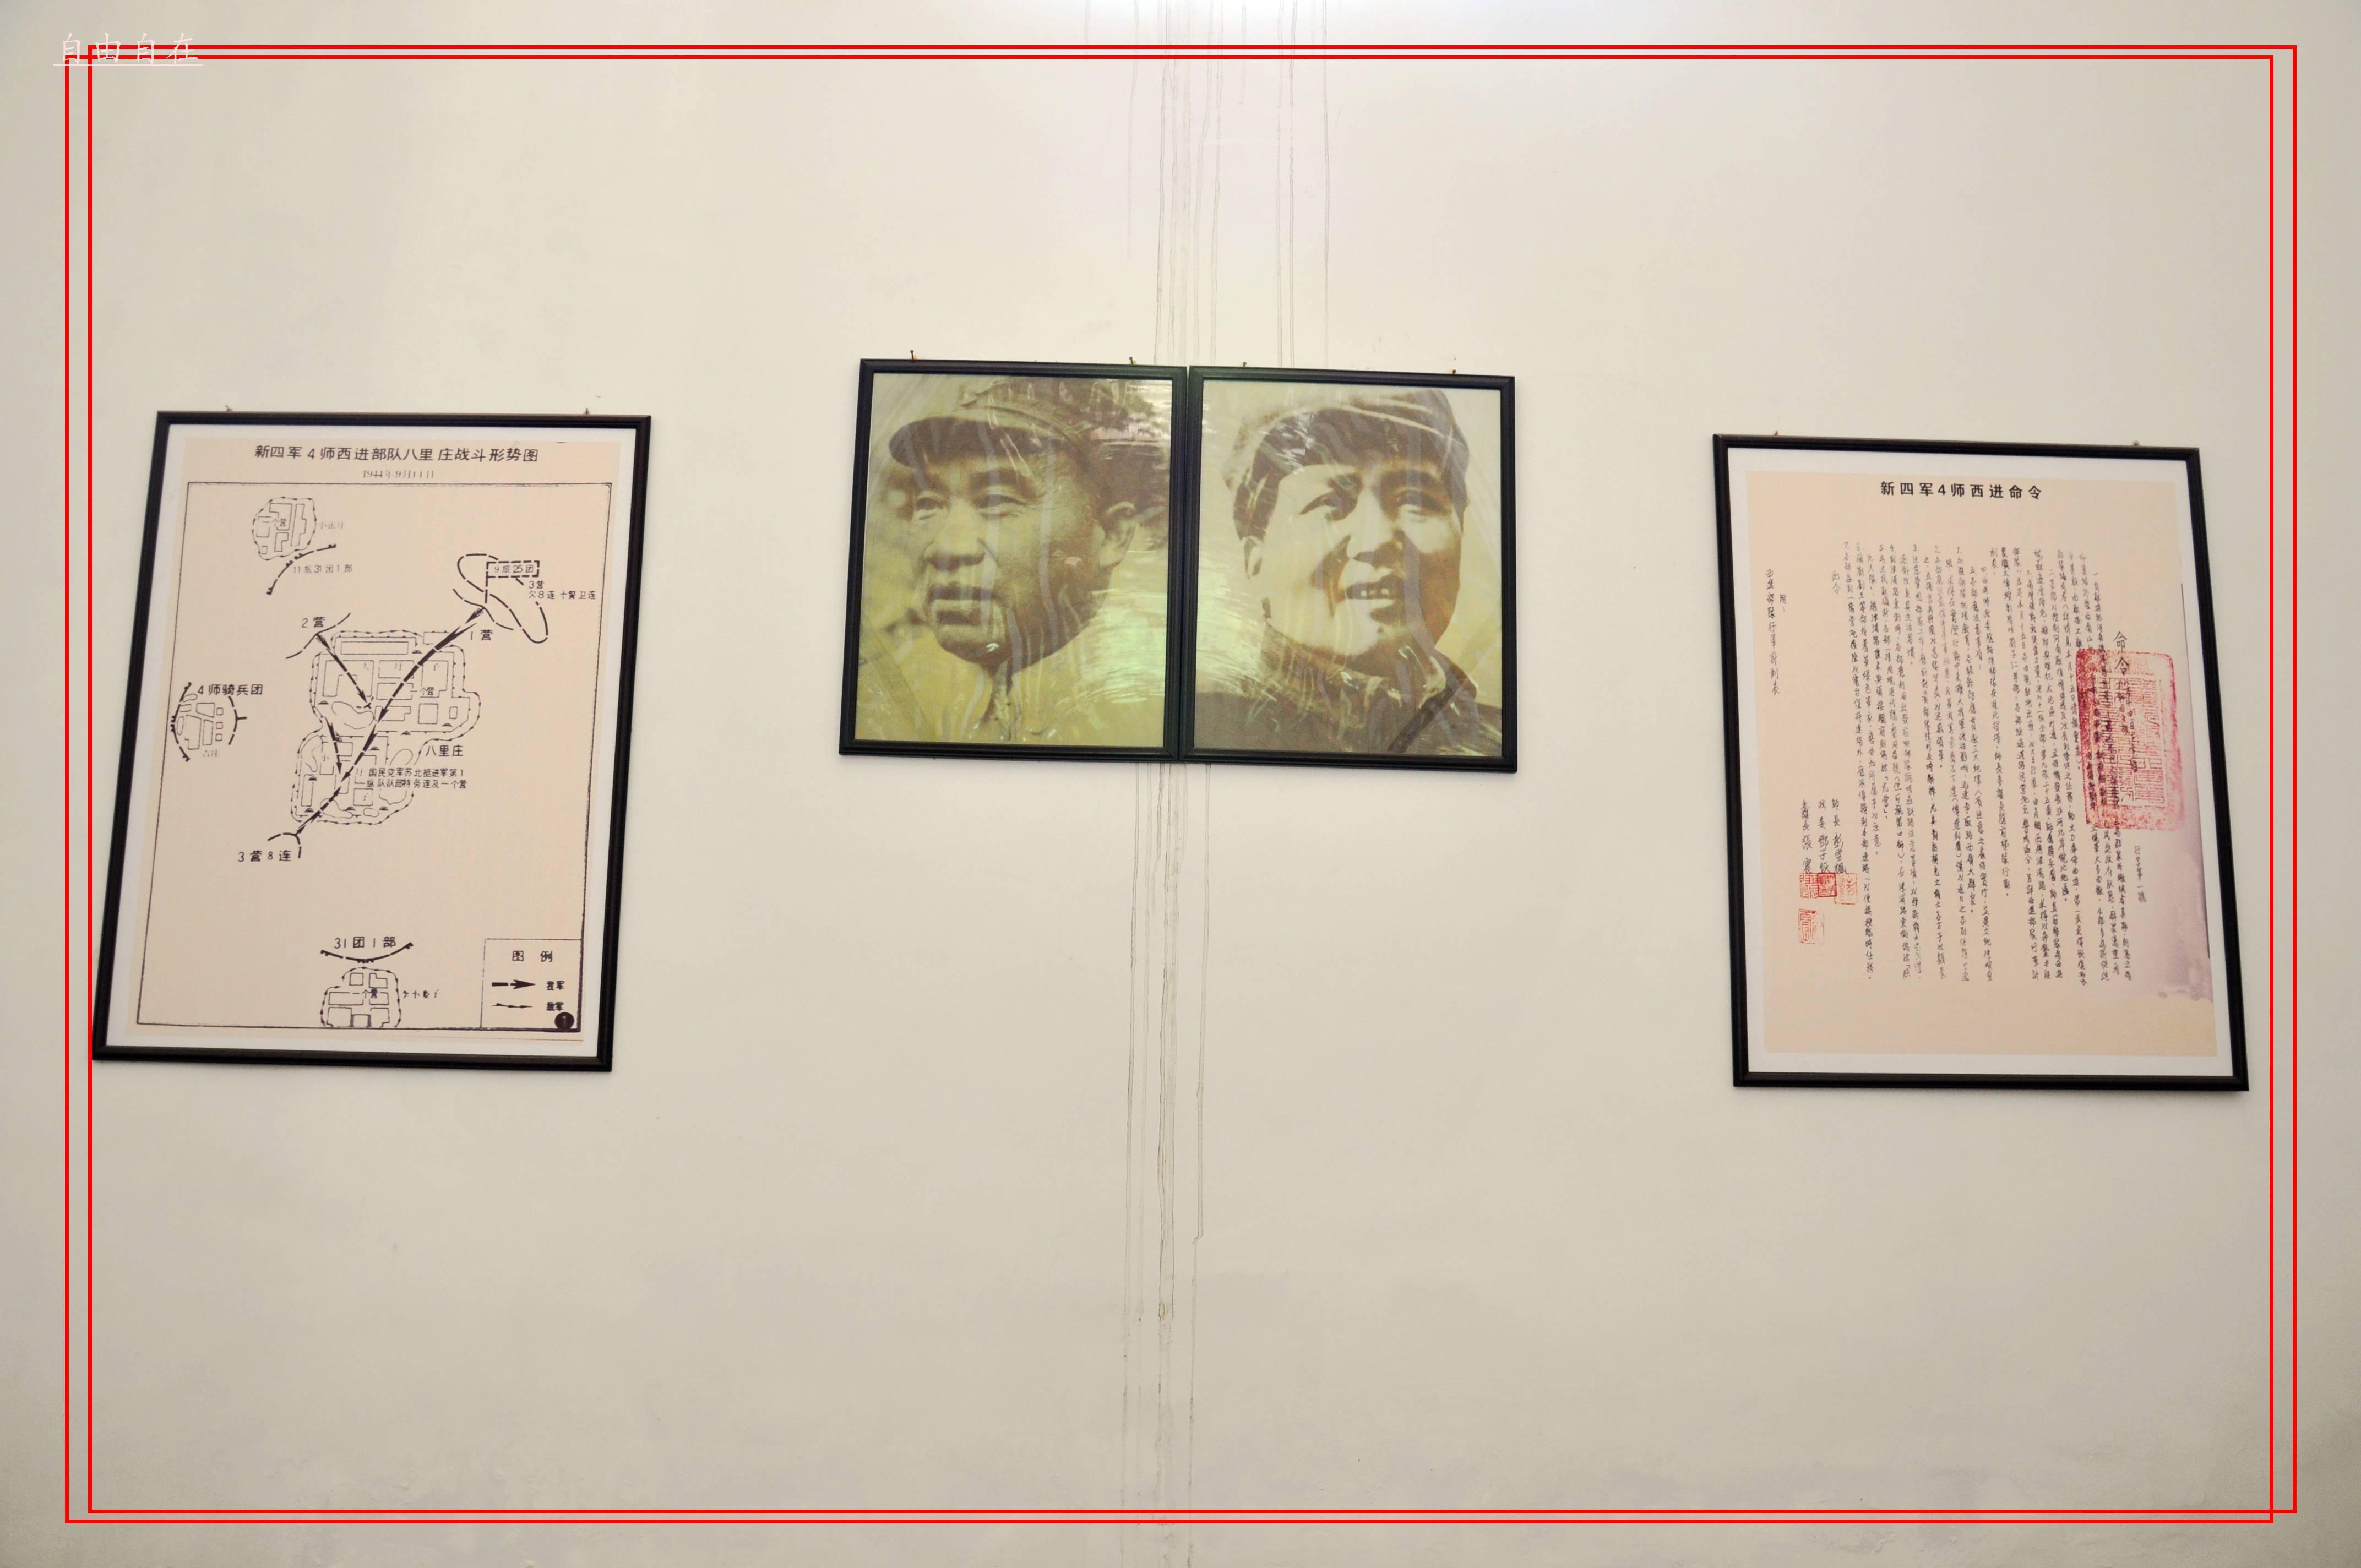 抗日小报 抗战小报 纪念中国人民抗战胜利70周年小... _文档下载